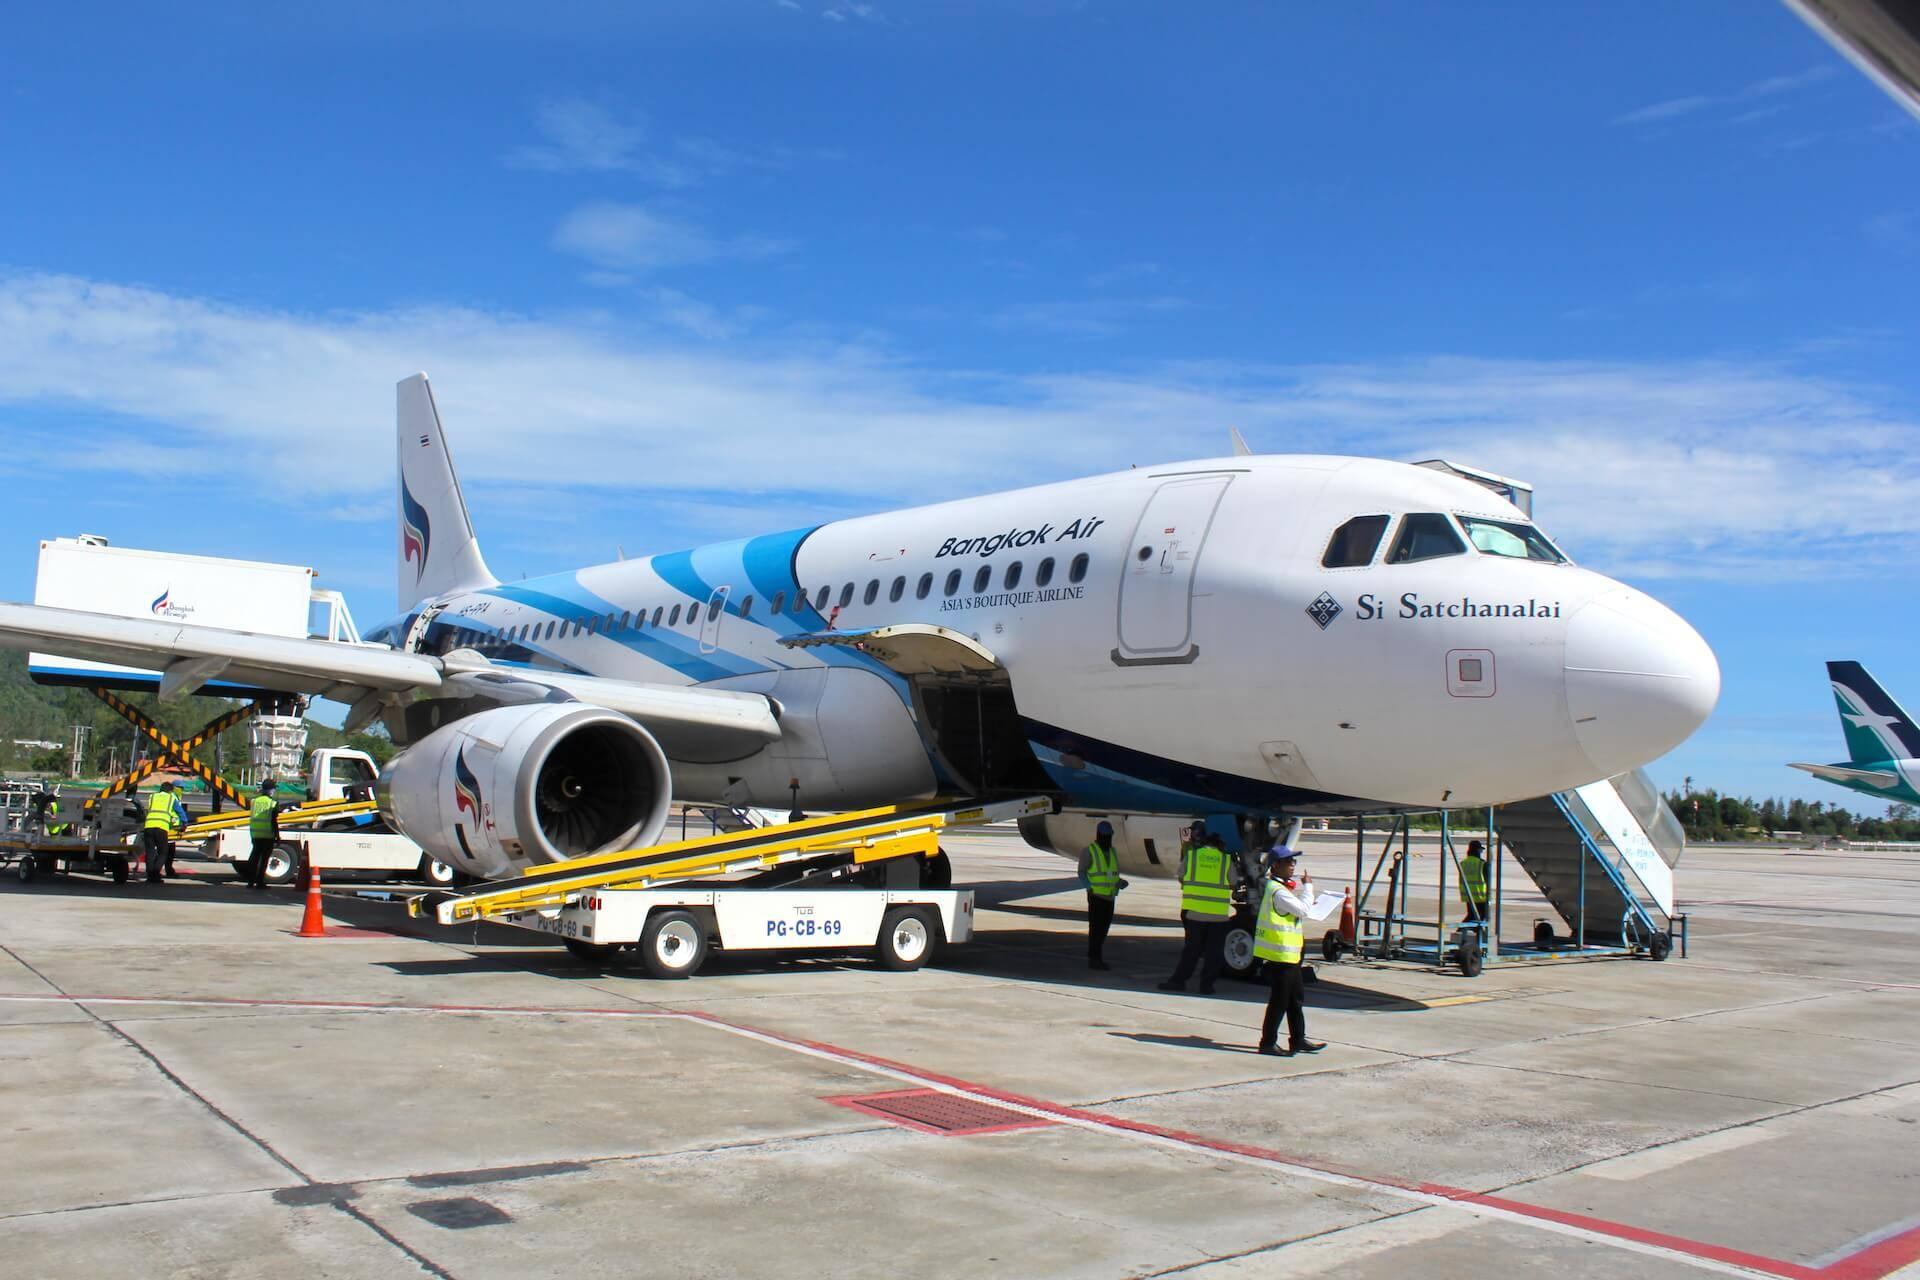 Bangkok Airways A319 Inlandsflüge Thailand Airlines